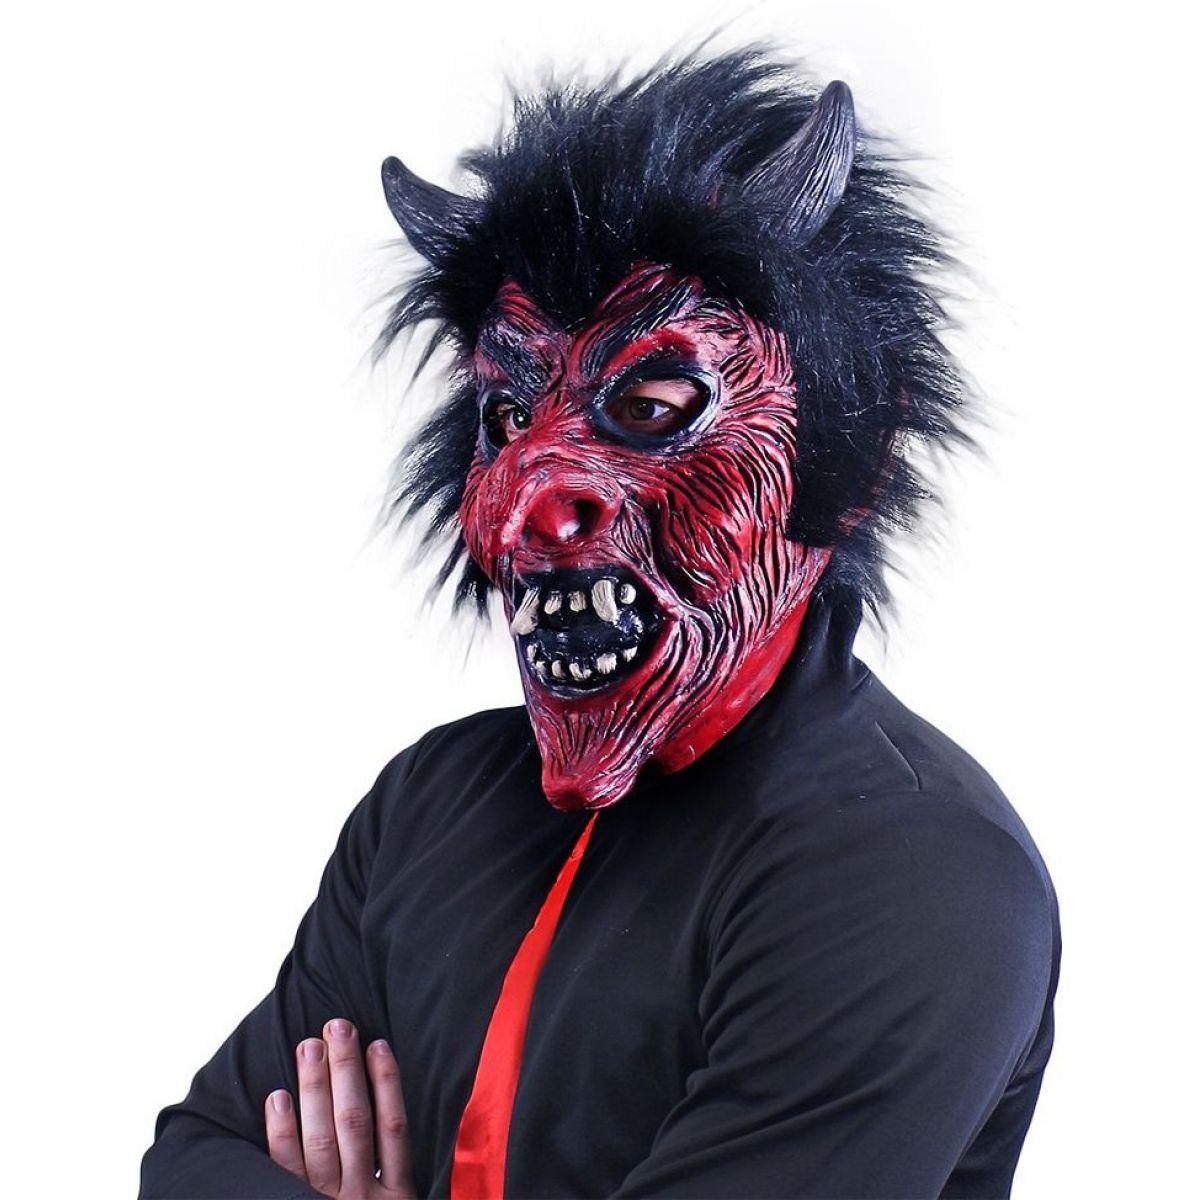 Rappa Maska čert s vlasy velká